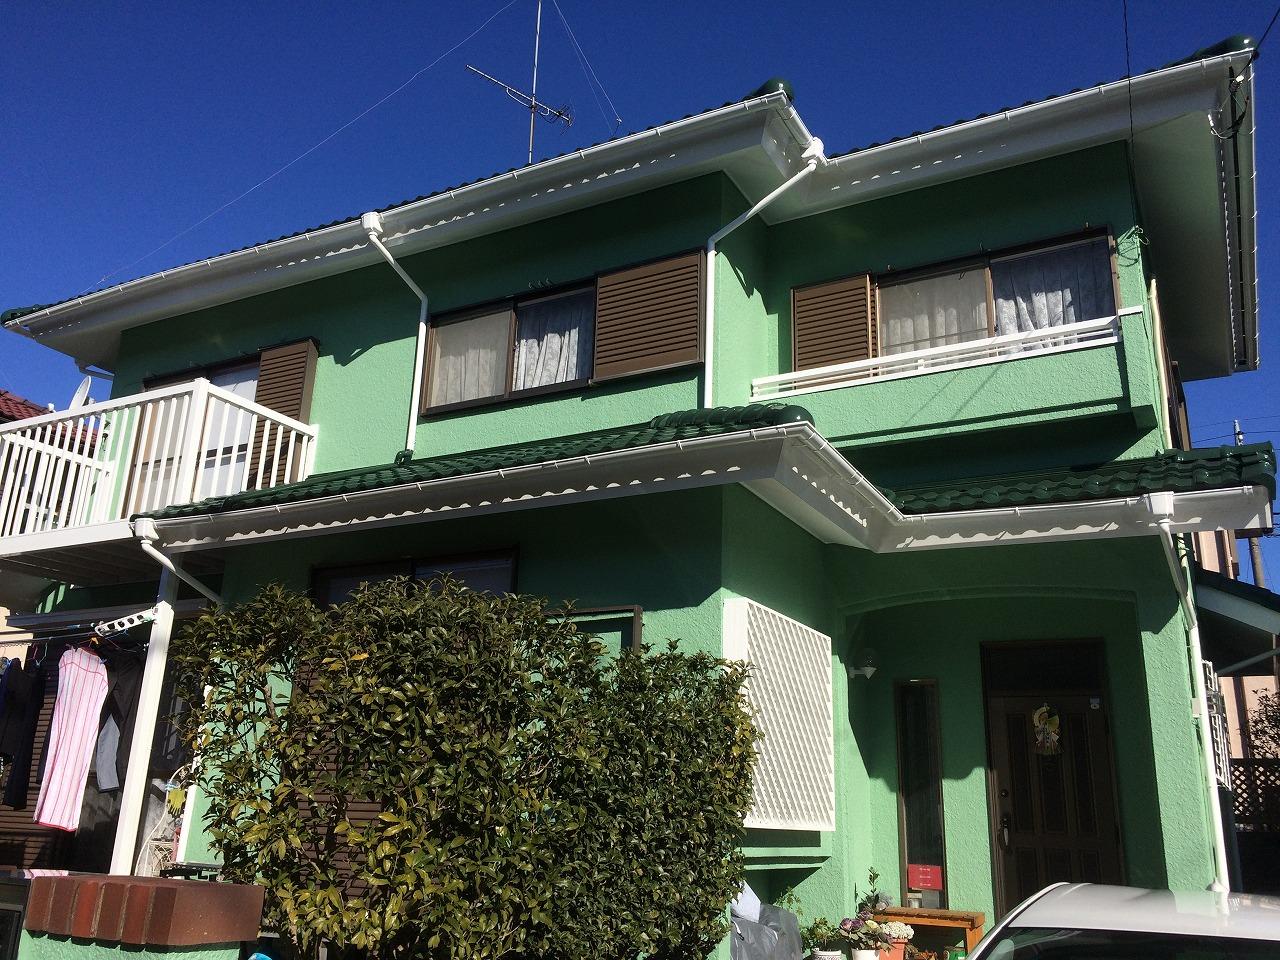 印旛郡栄町S様邸 外壁塗装・屋根塗装